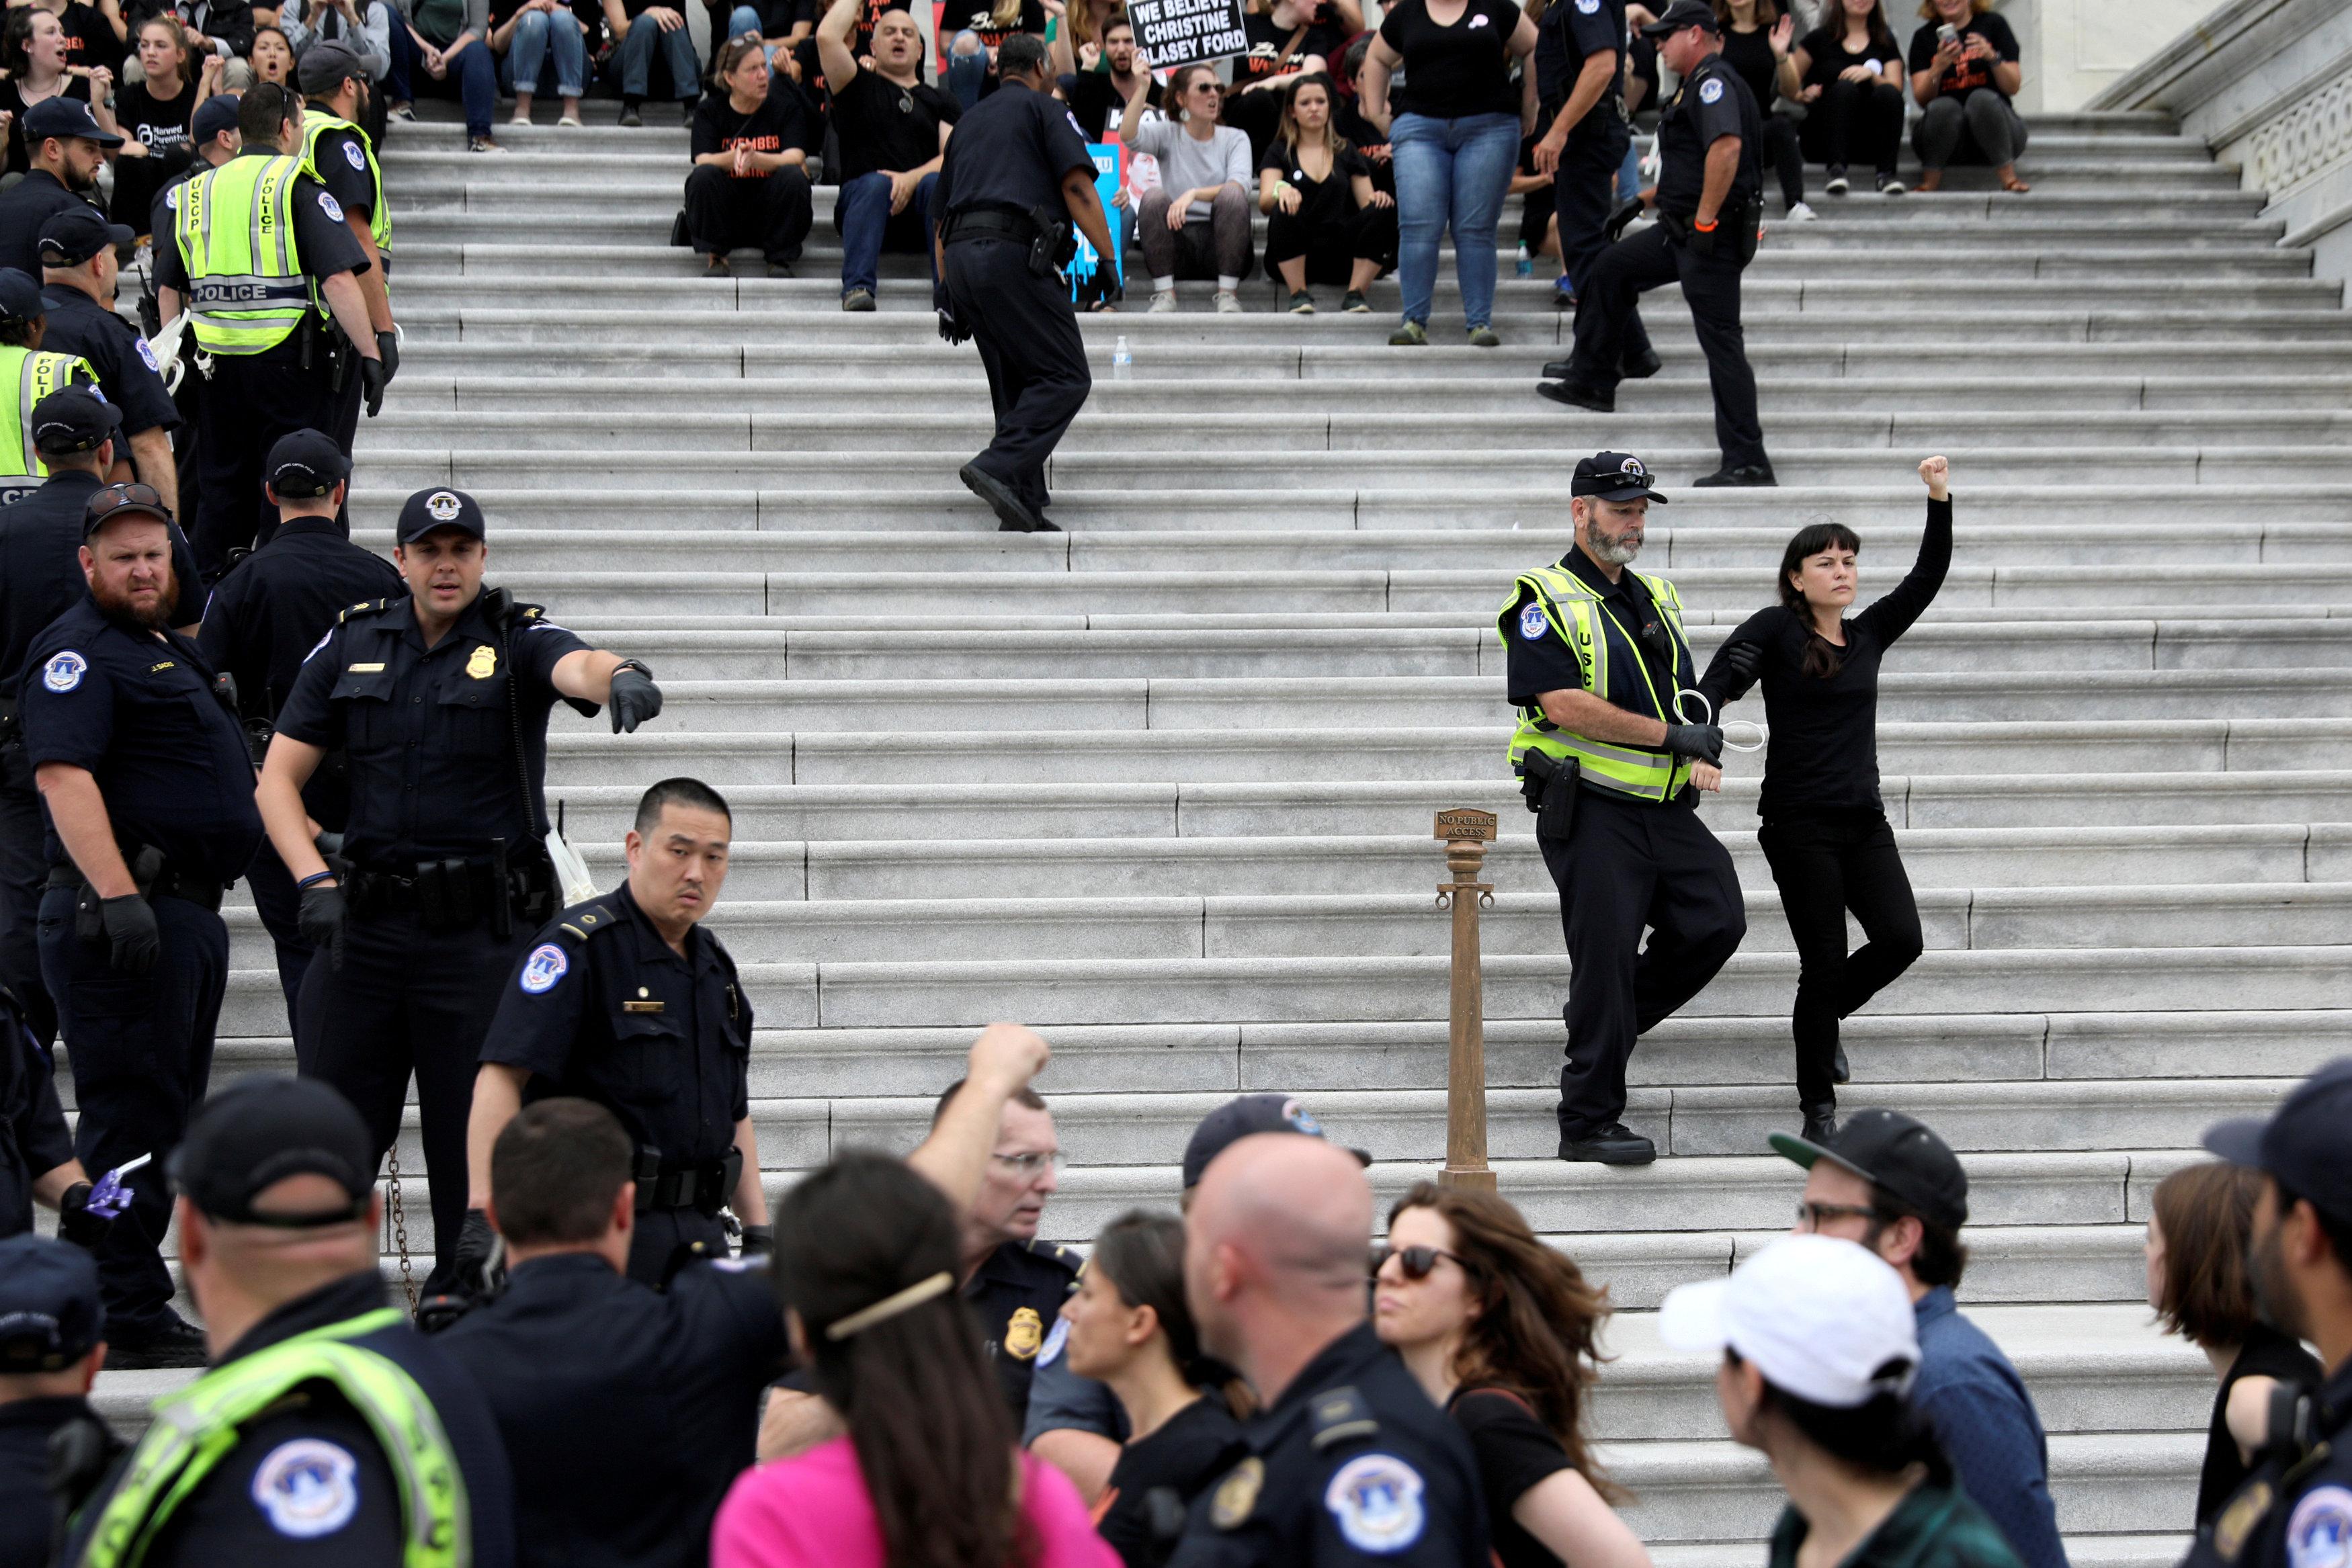 الشرطة تعتقل إحدى المتظاهرات